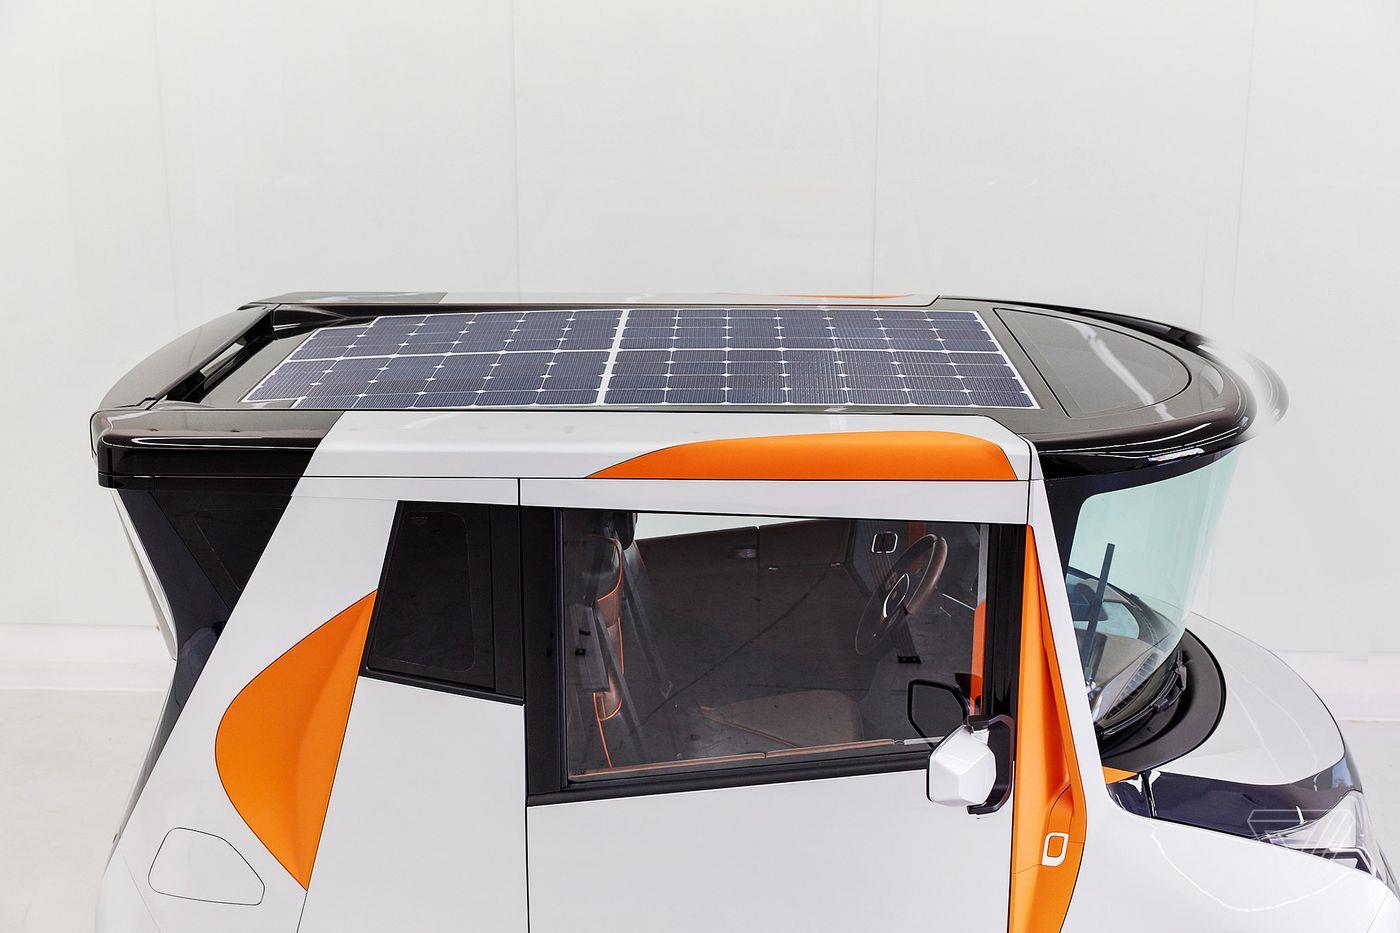 Il tettuccio della macchina è dotato di pannelli a energia solare